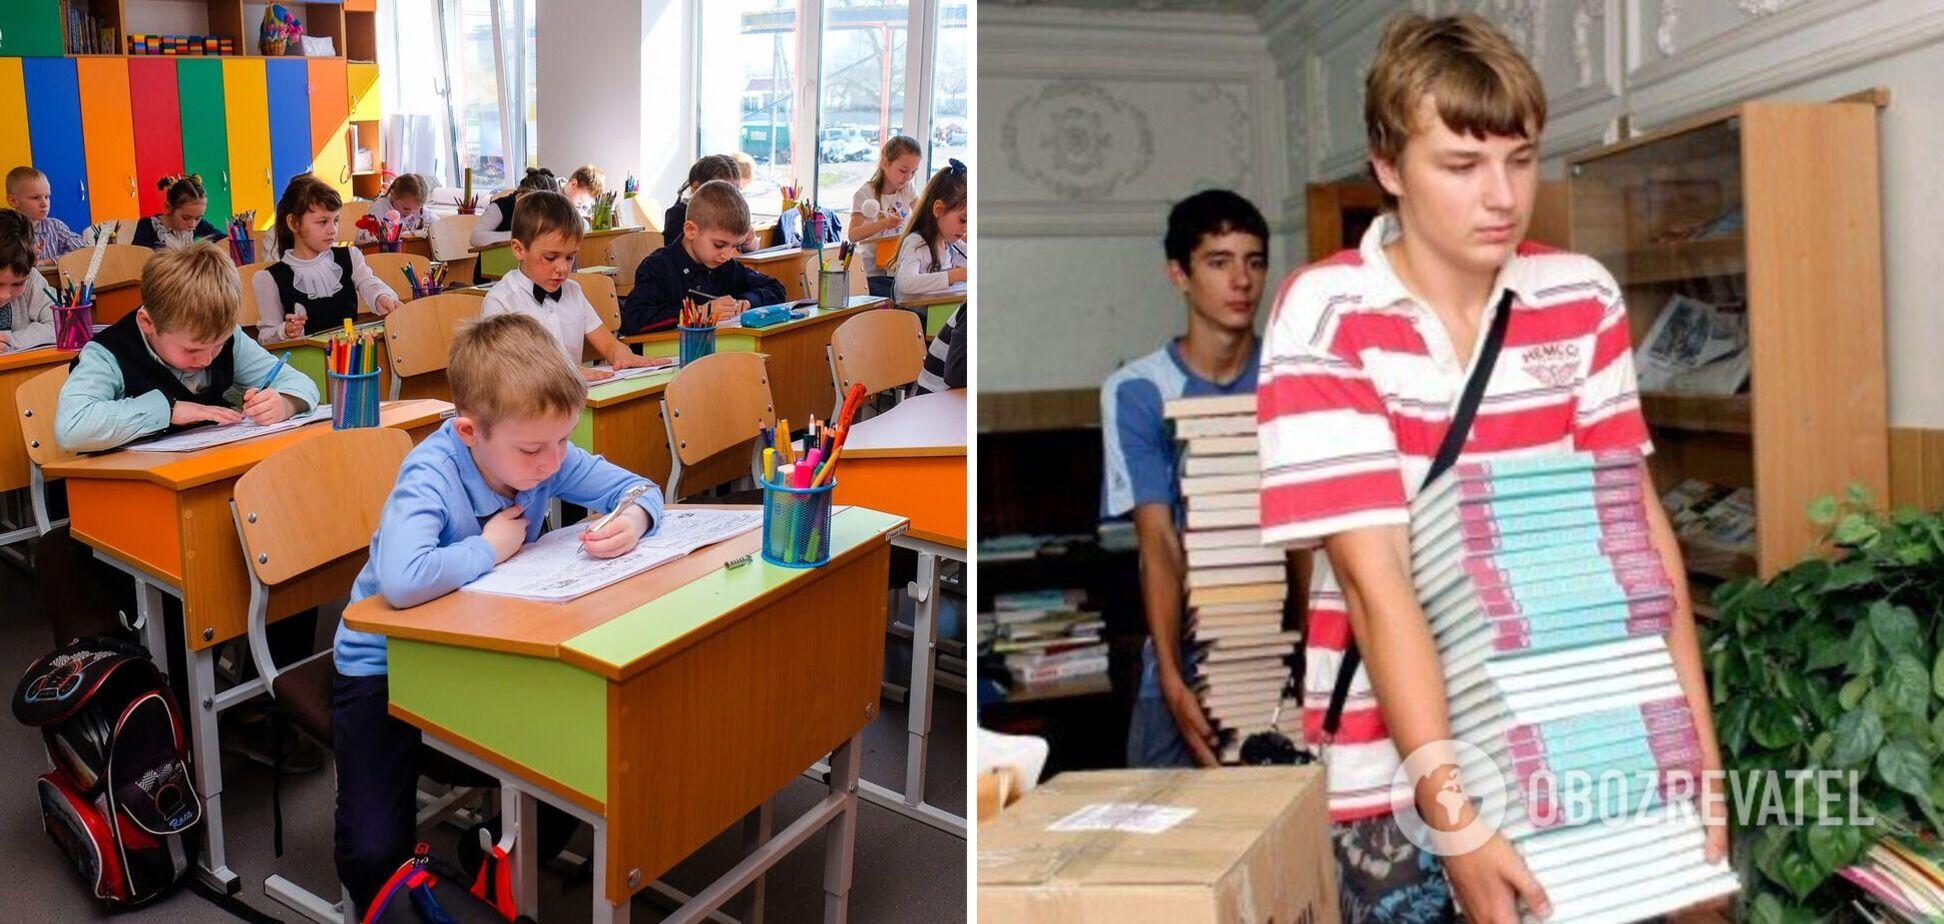 В Україні виникли проблеми з підручниками для шкіл, їх вистачило не всім. Відео